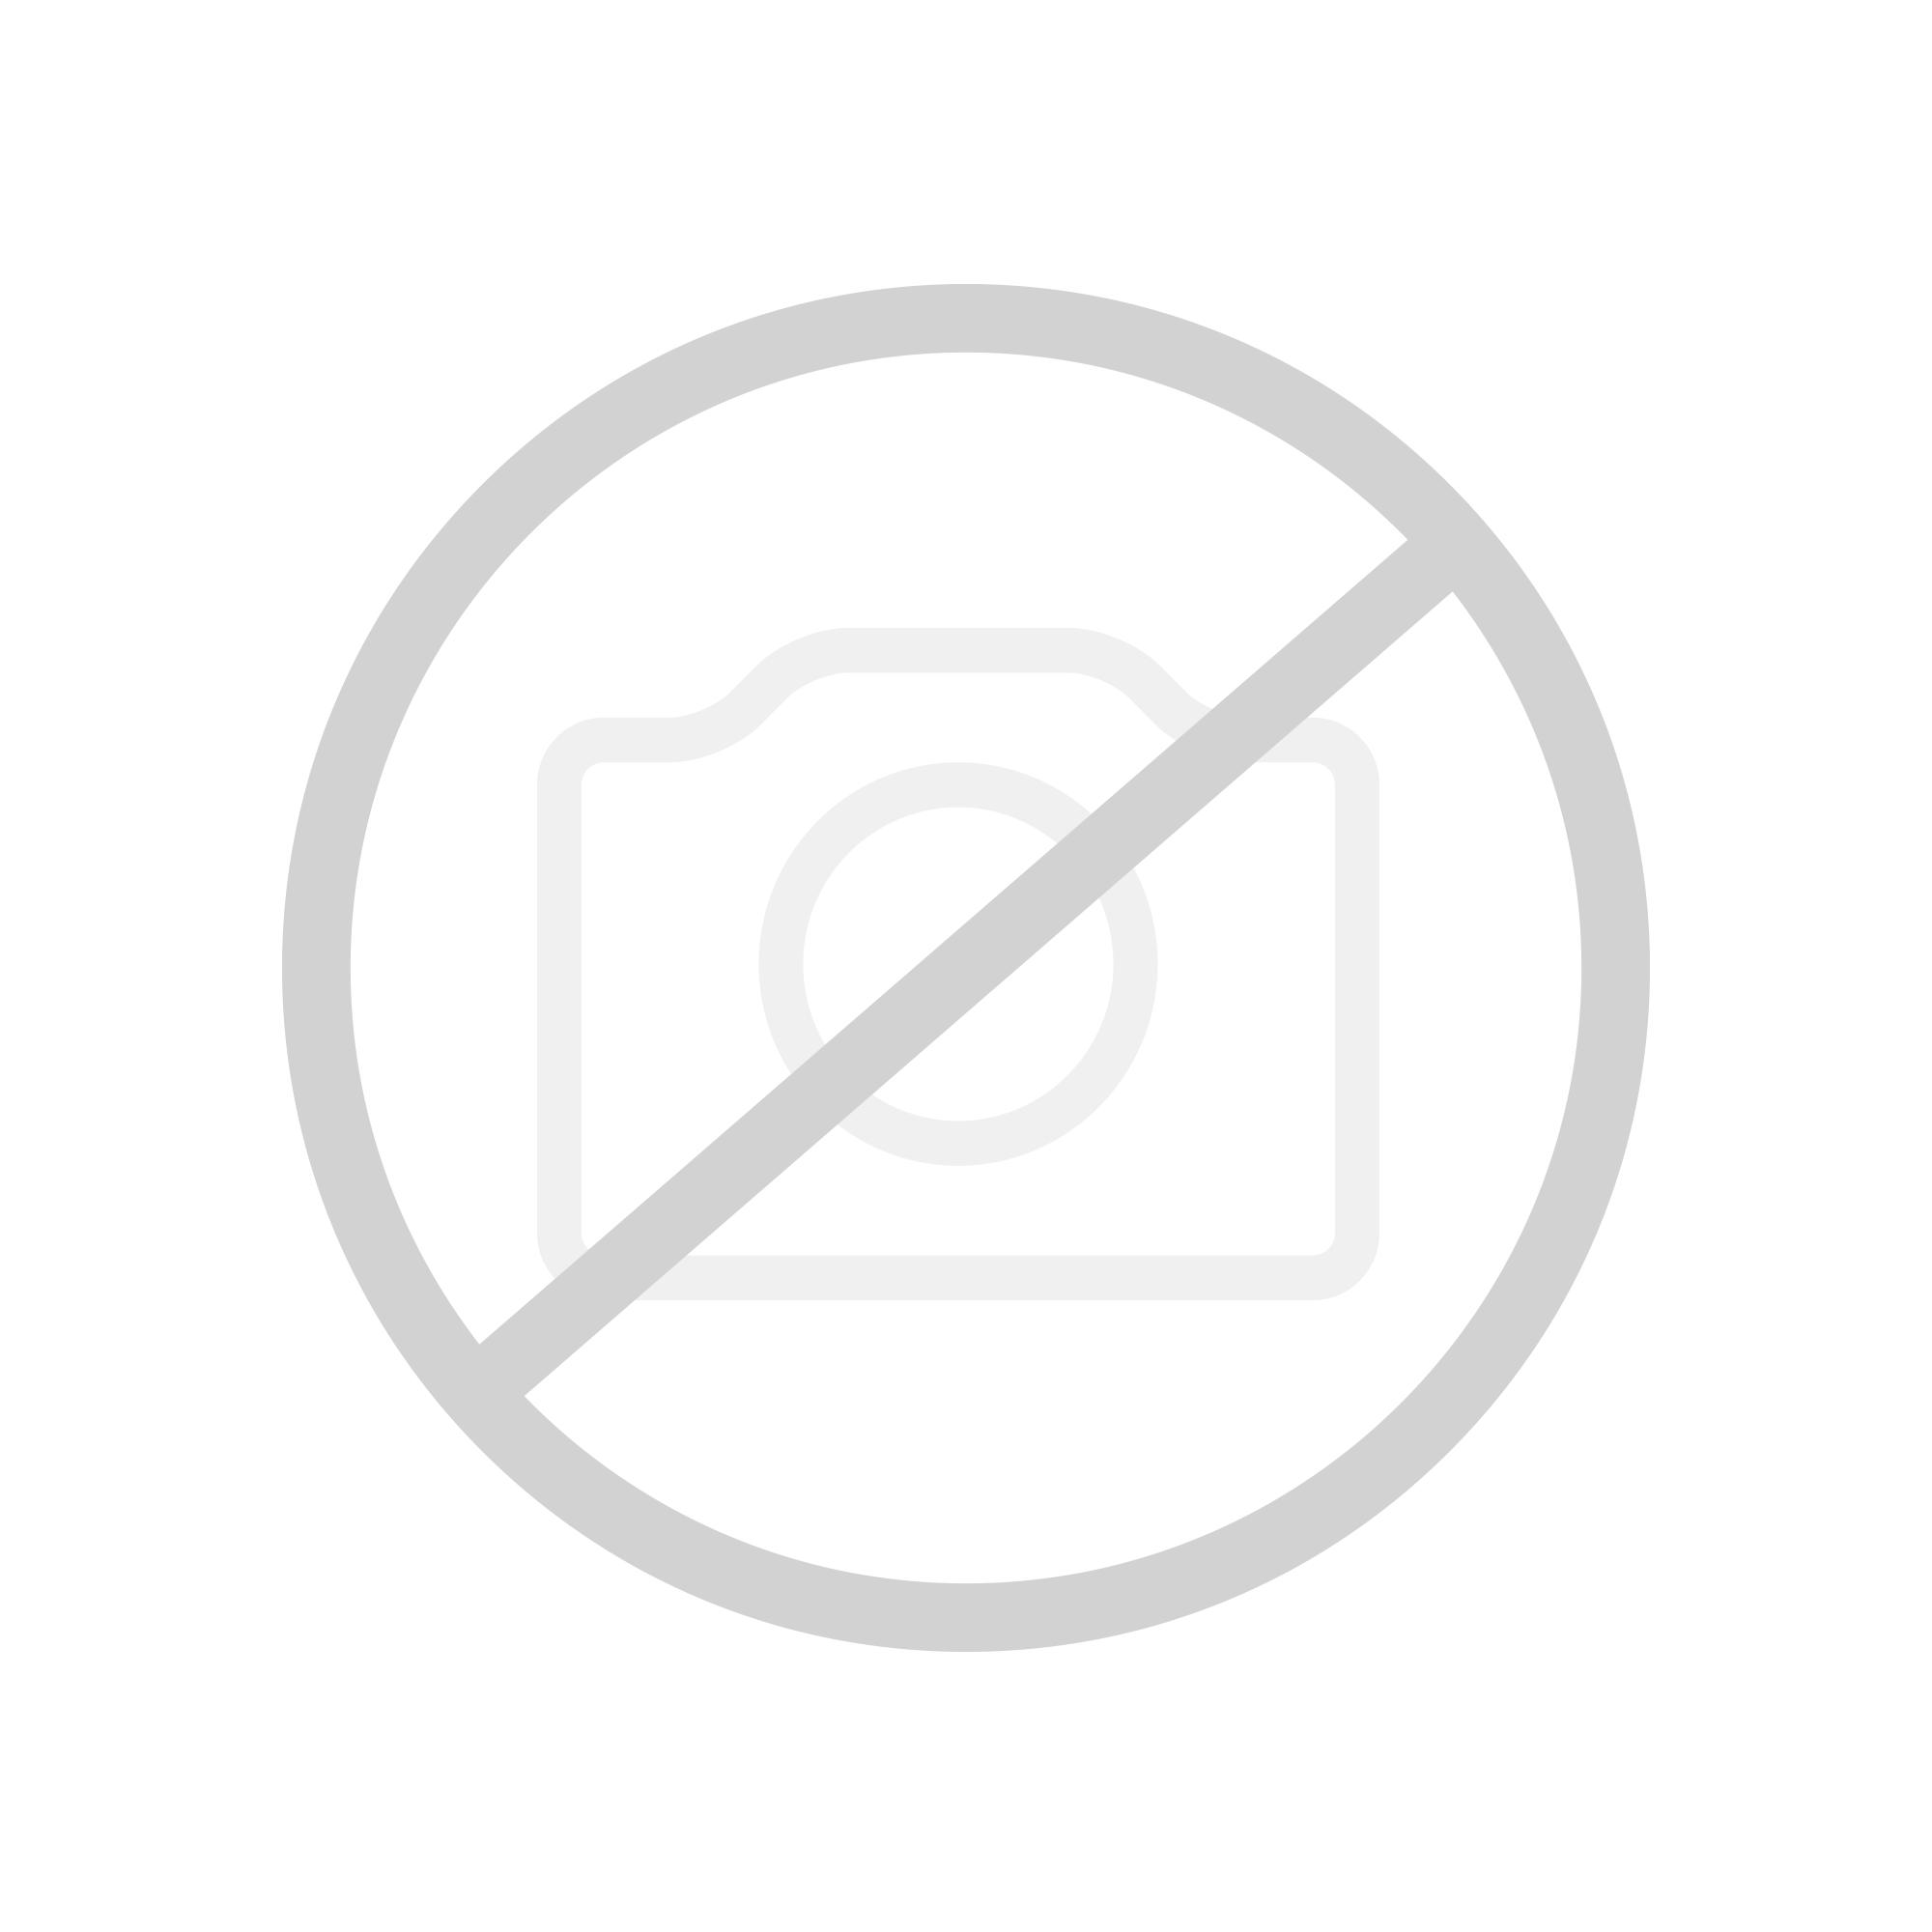 keuco elegance handtuchhalter 01618010000 reuter onlineshop. Black Bedroom Furniture Sets. Home Design Ideas